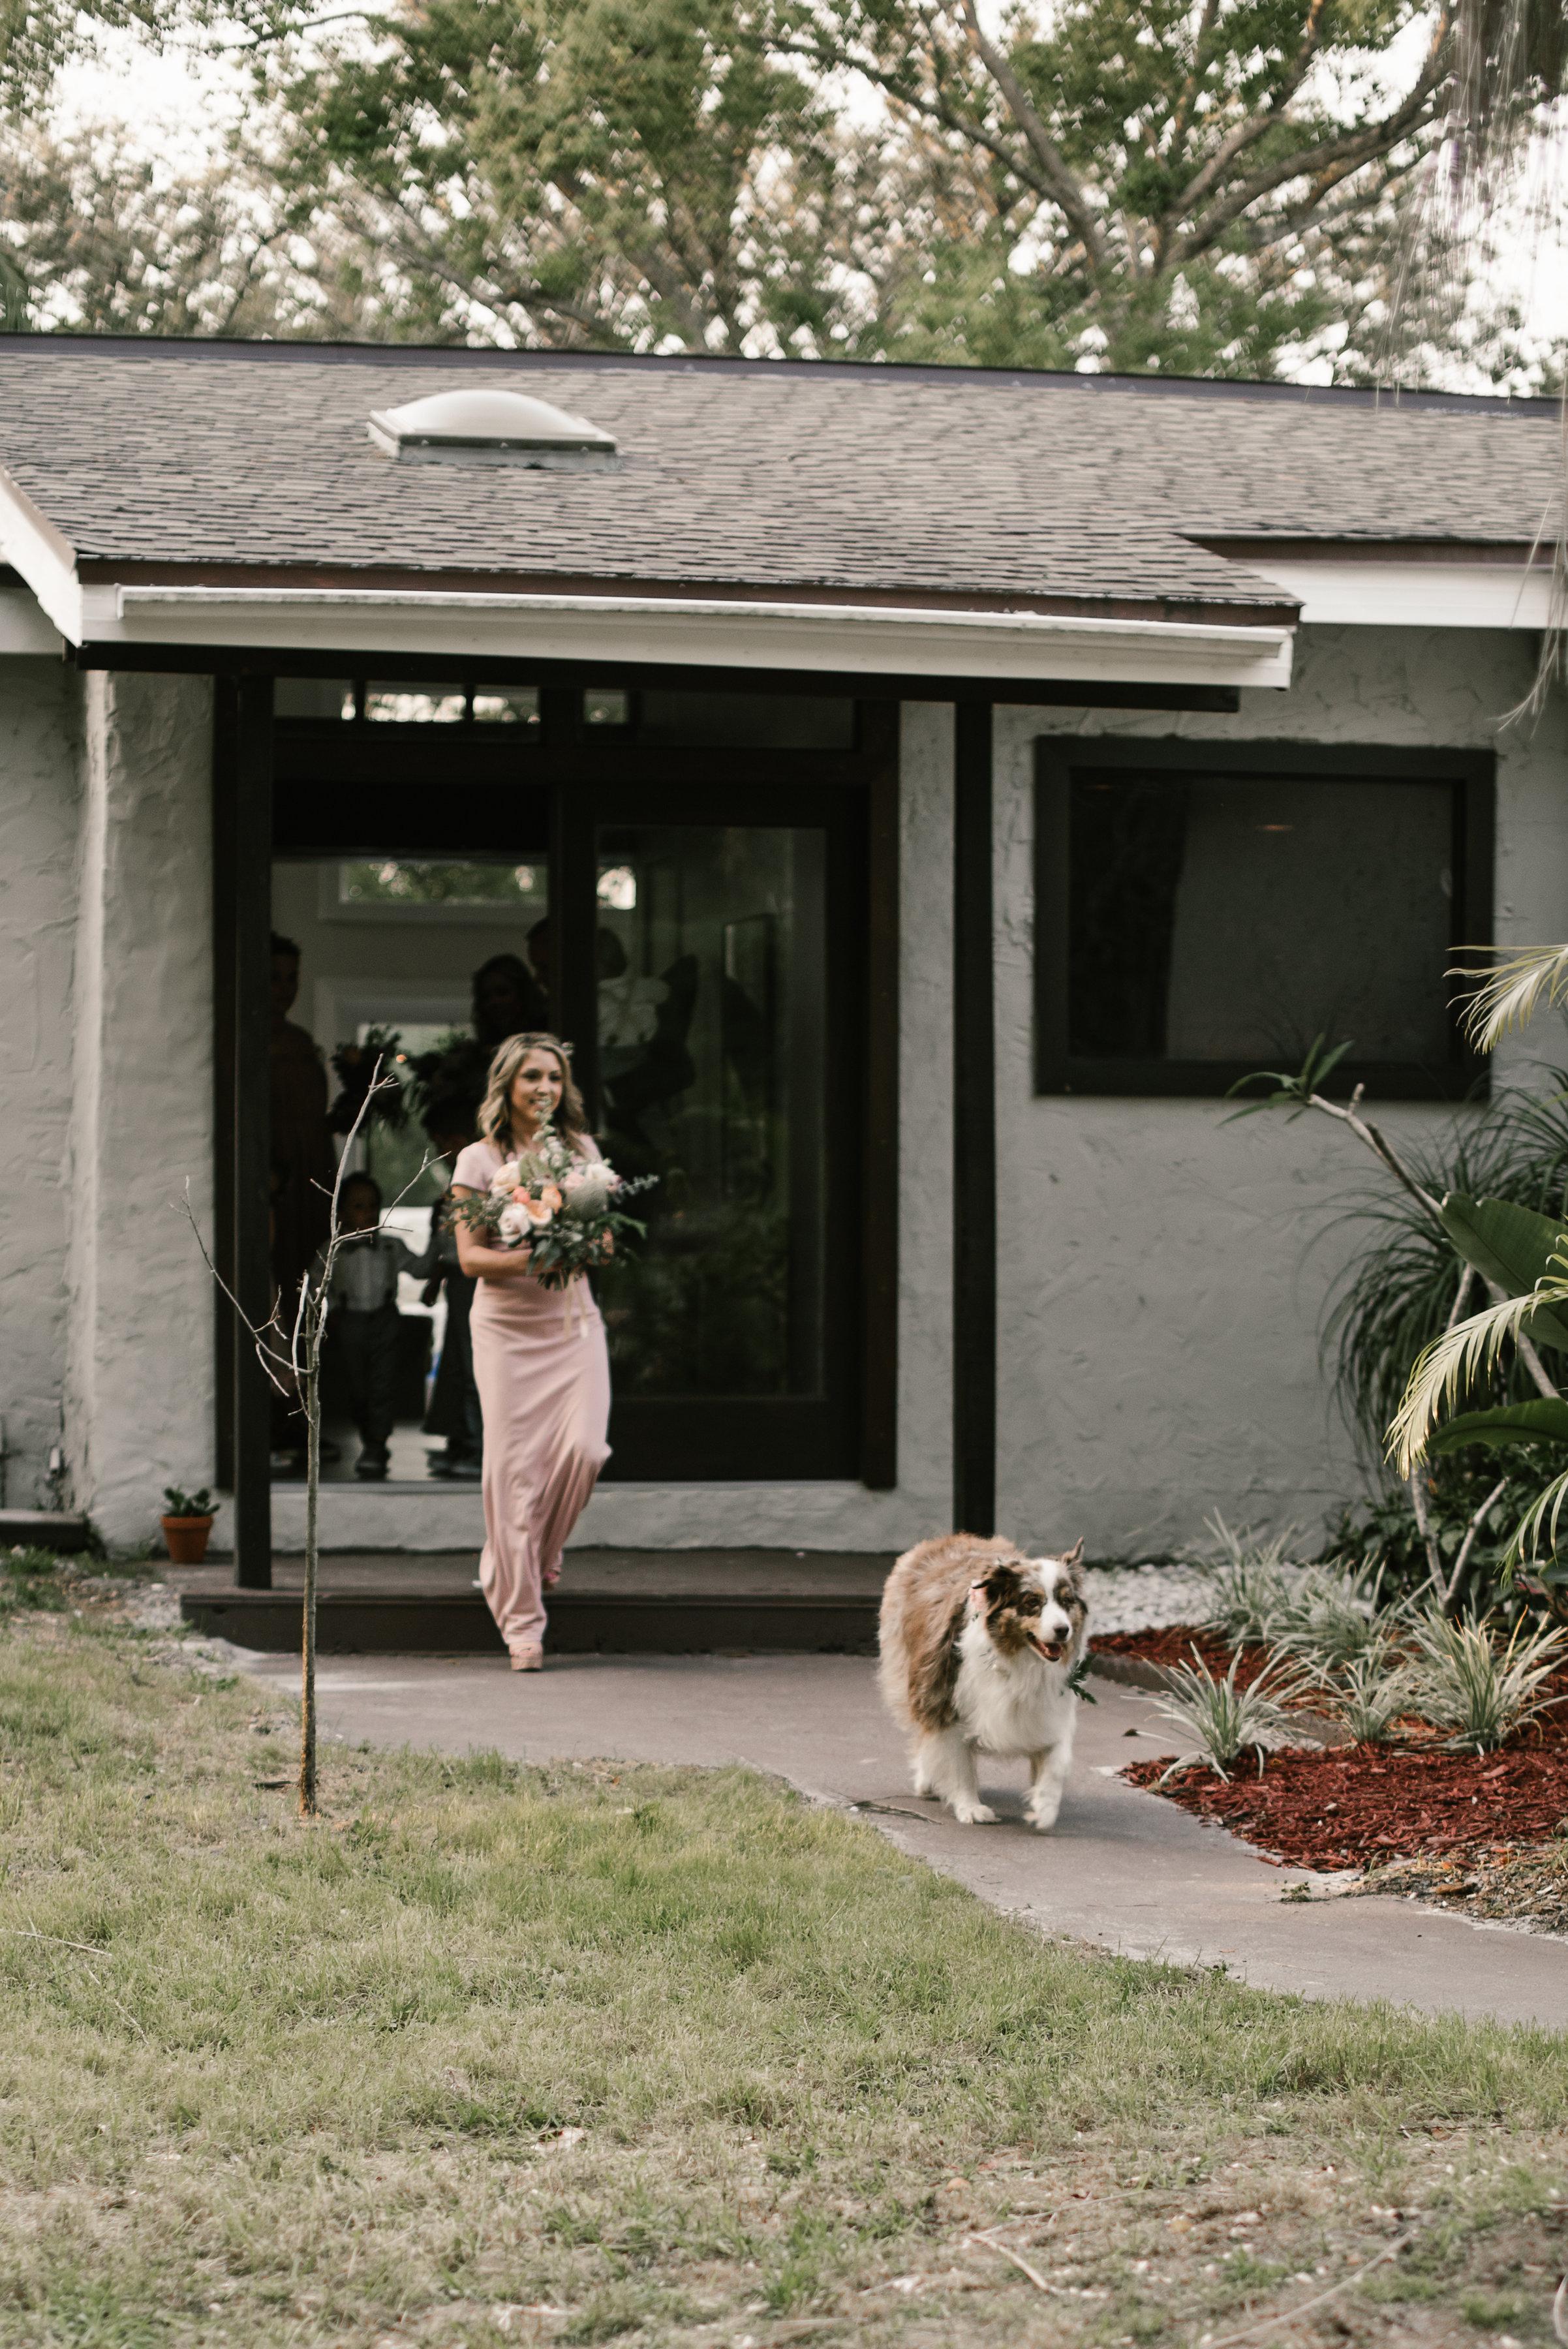 michelle-ronnie-backyard-wedding-425.jpg